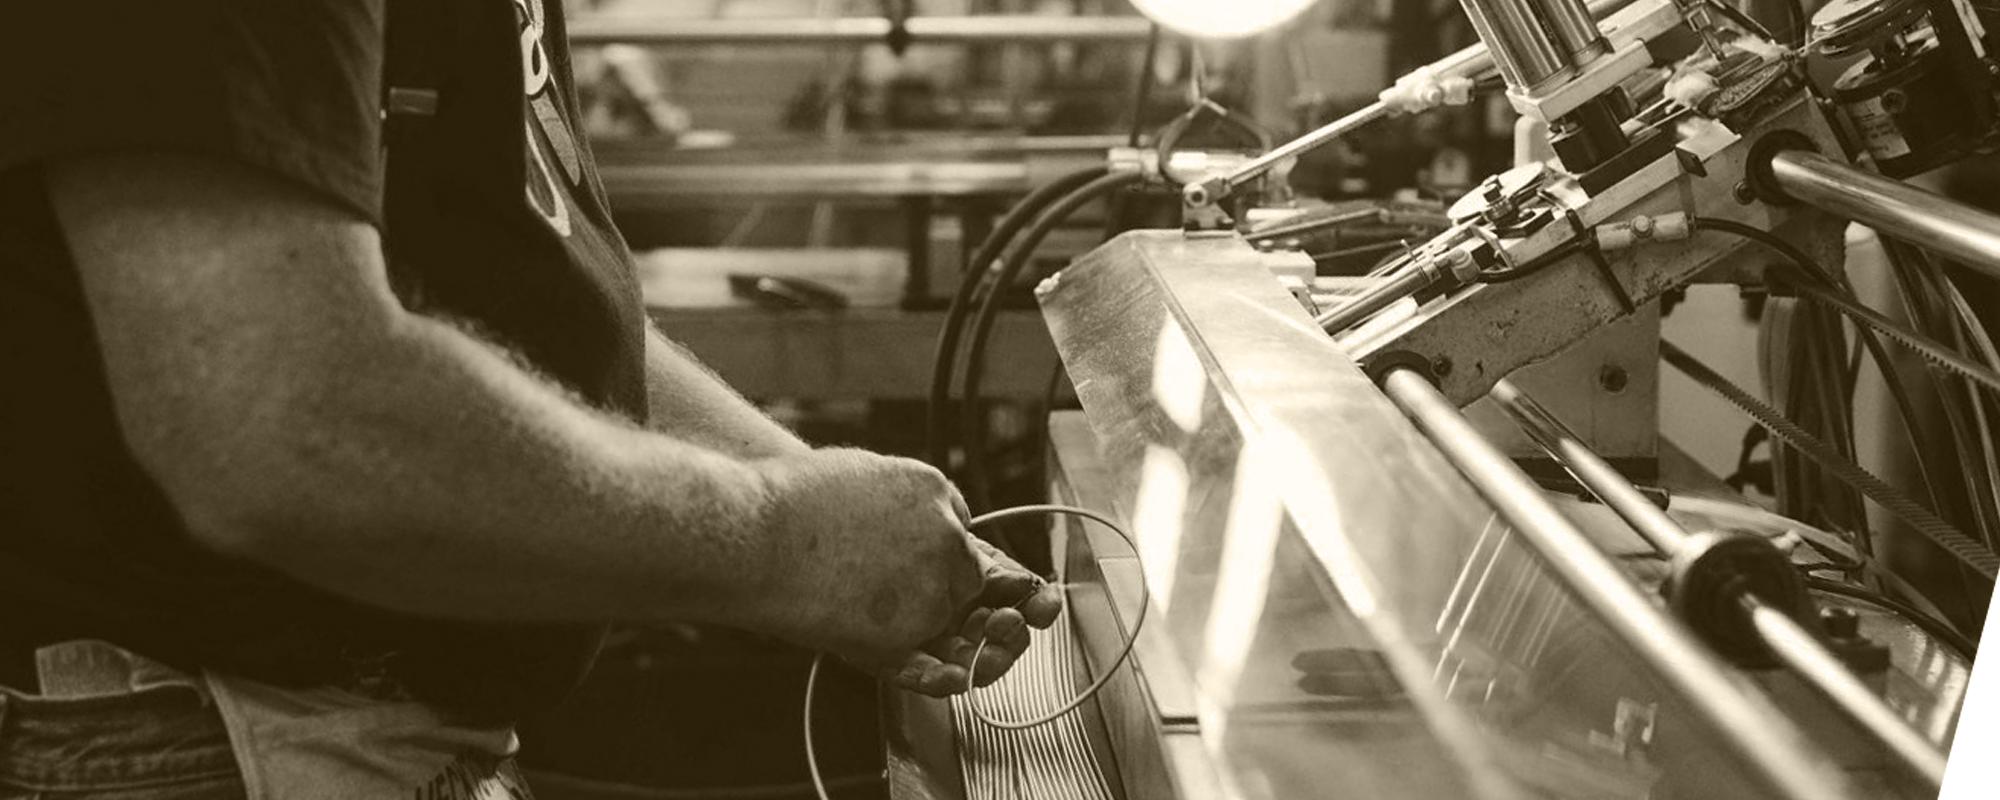 guitar string manufacturing